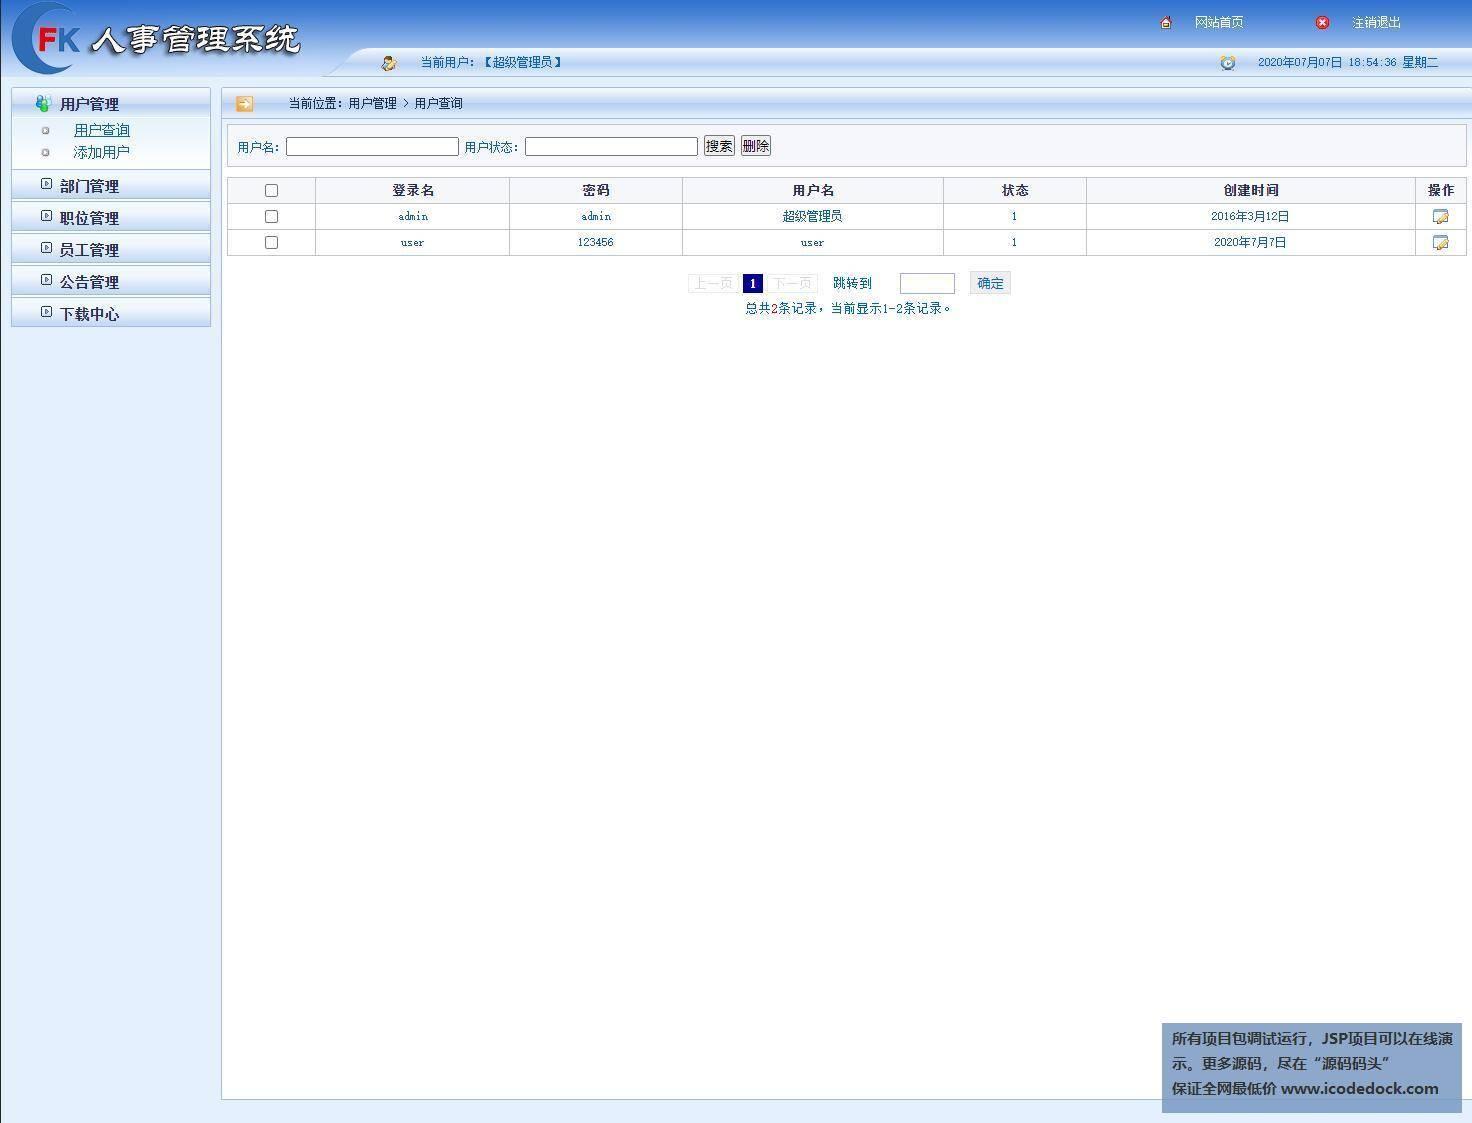 源码码头-SSM公司人事管理系统-管理员角色-用户管理